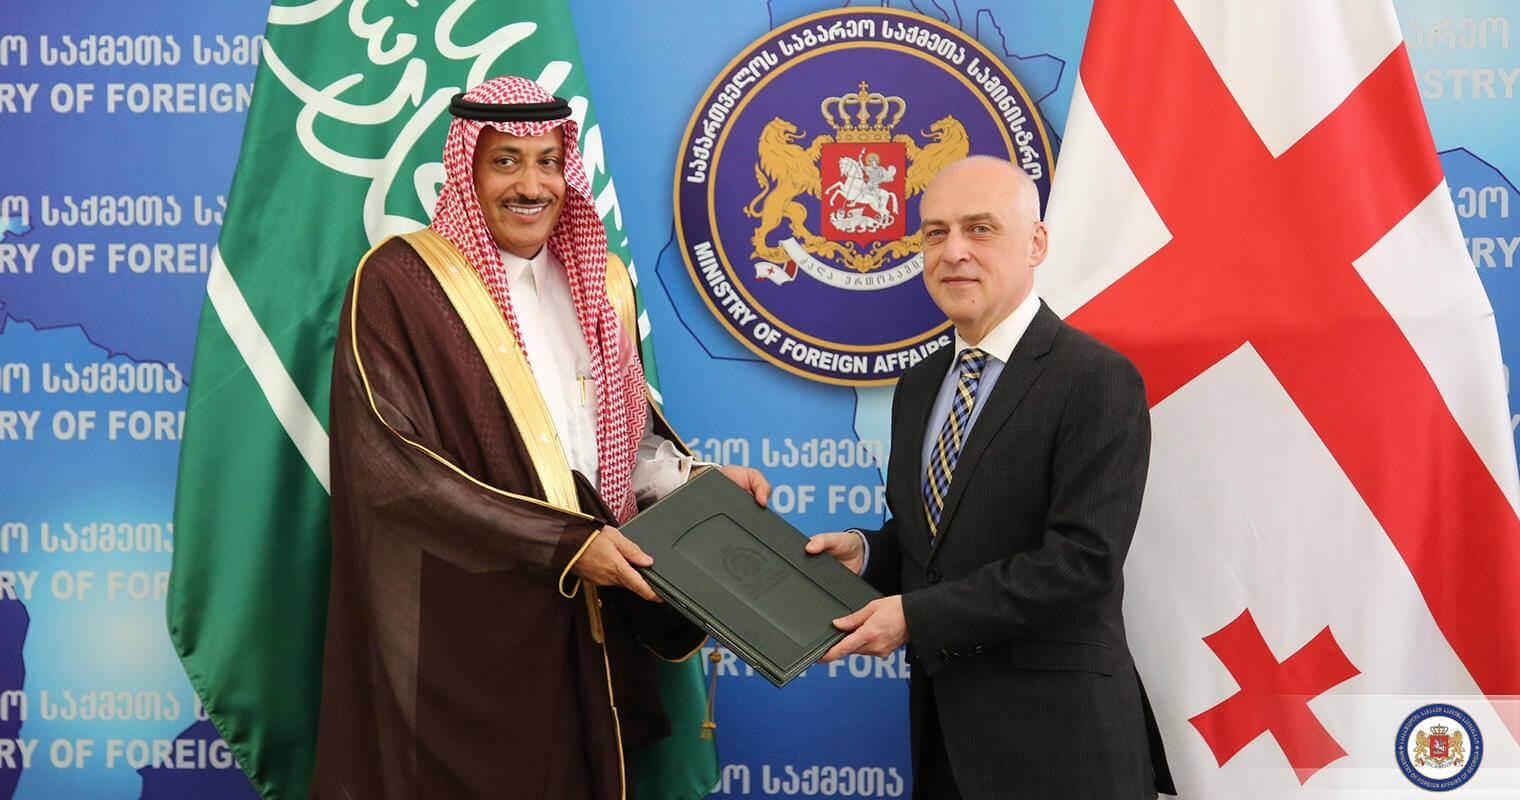 سفير السعودية في جورجيا يقدم أوراق اعتماده لوزير الخارجية الجورجي